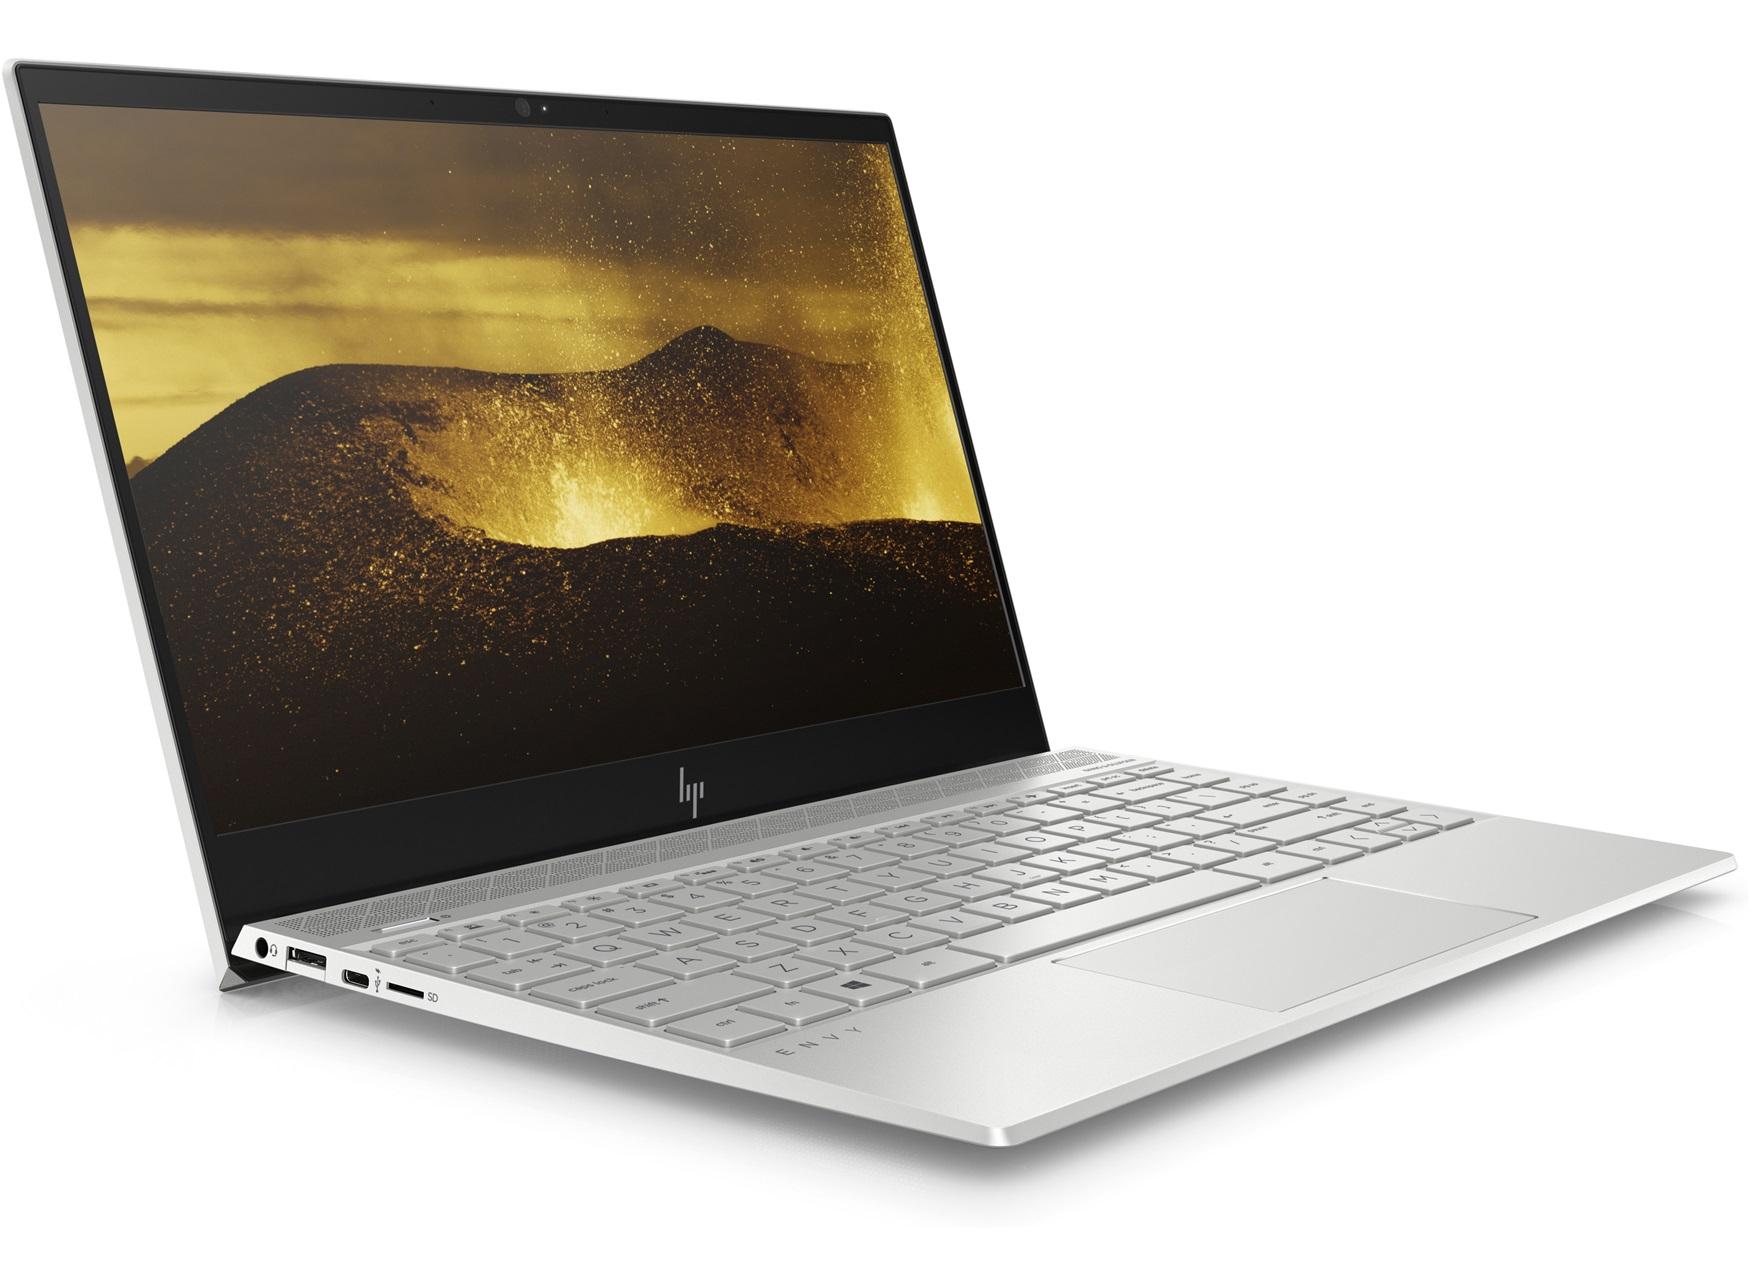 """[Étudiants] PC portable 13.3"""" full HD HP Envy 13-ah0056nf - i5-8250U, 8 Go de RAM, 256 Go en SSD, Windows 10 (via ODR de 100€)"""